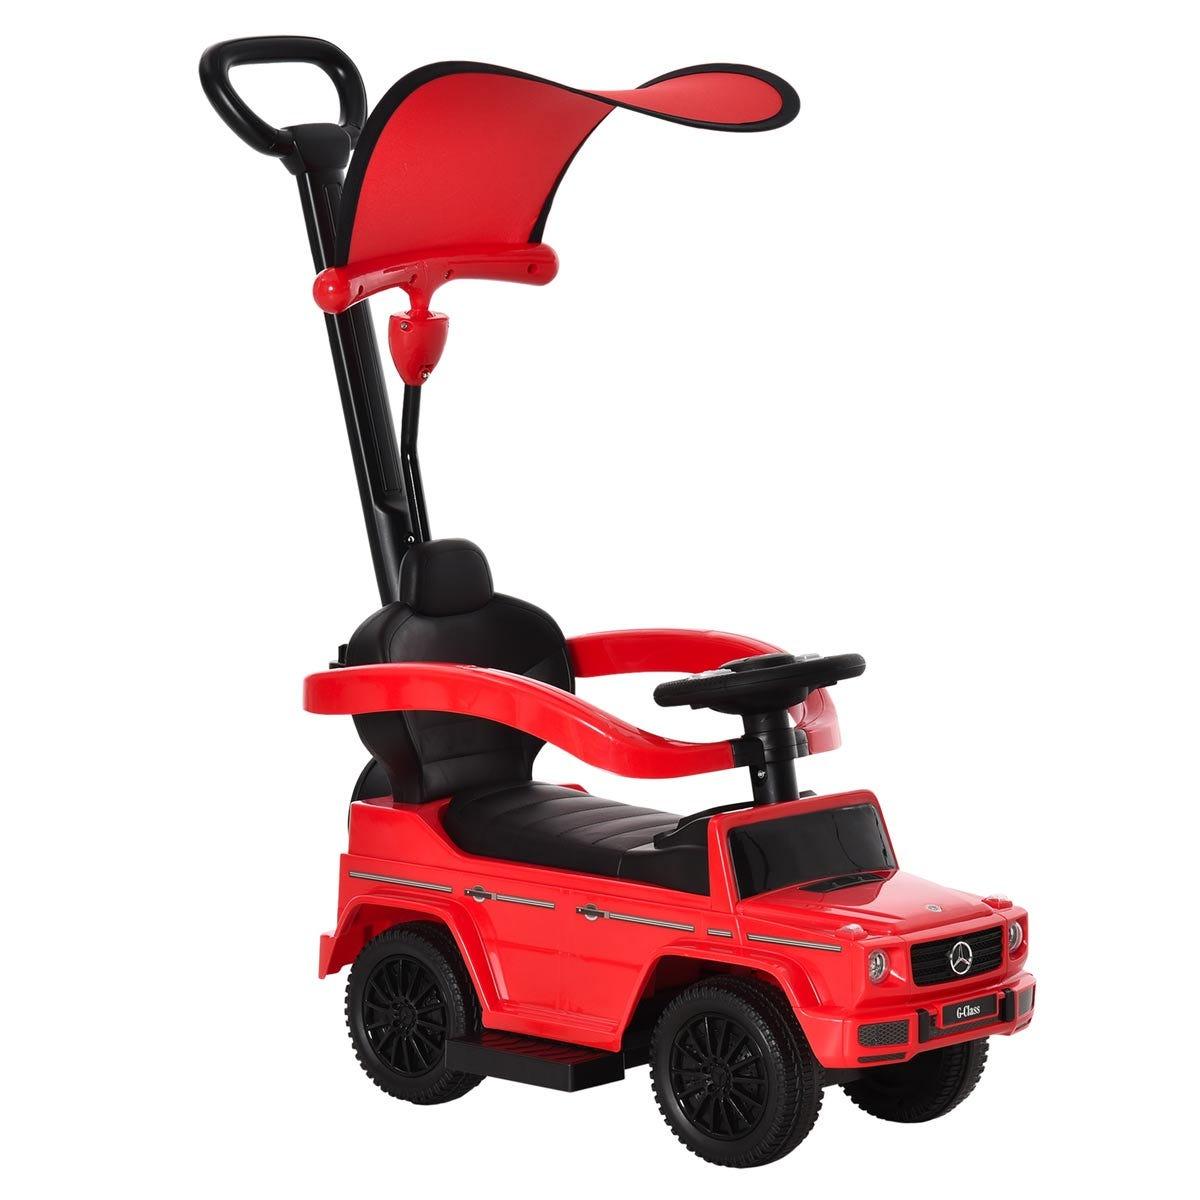 Reiten Kids Benz G350 Ride-on Sliding Car & Stroller - Red